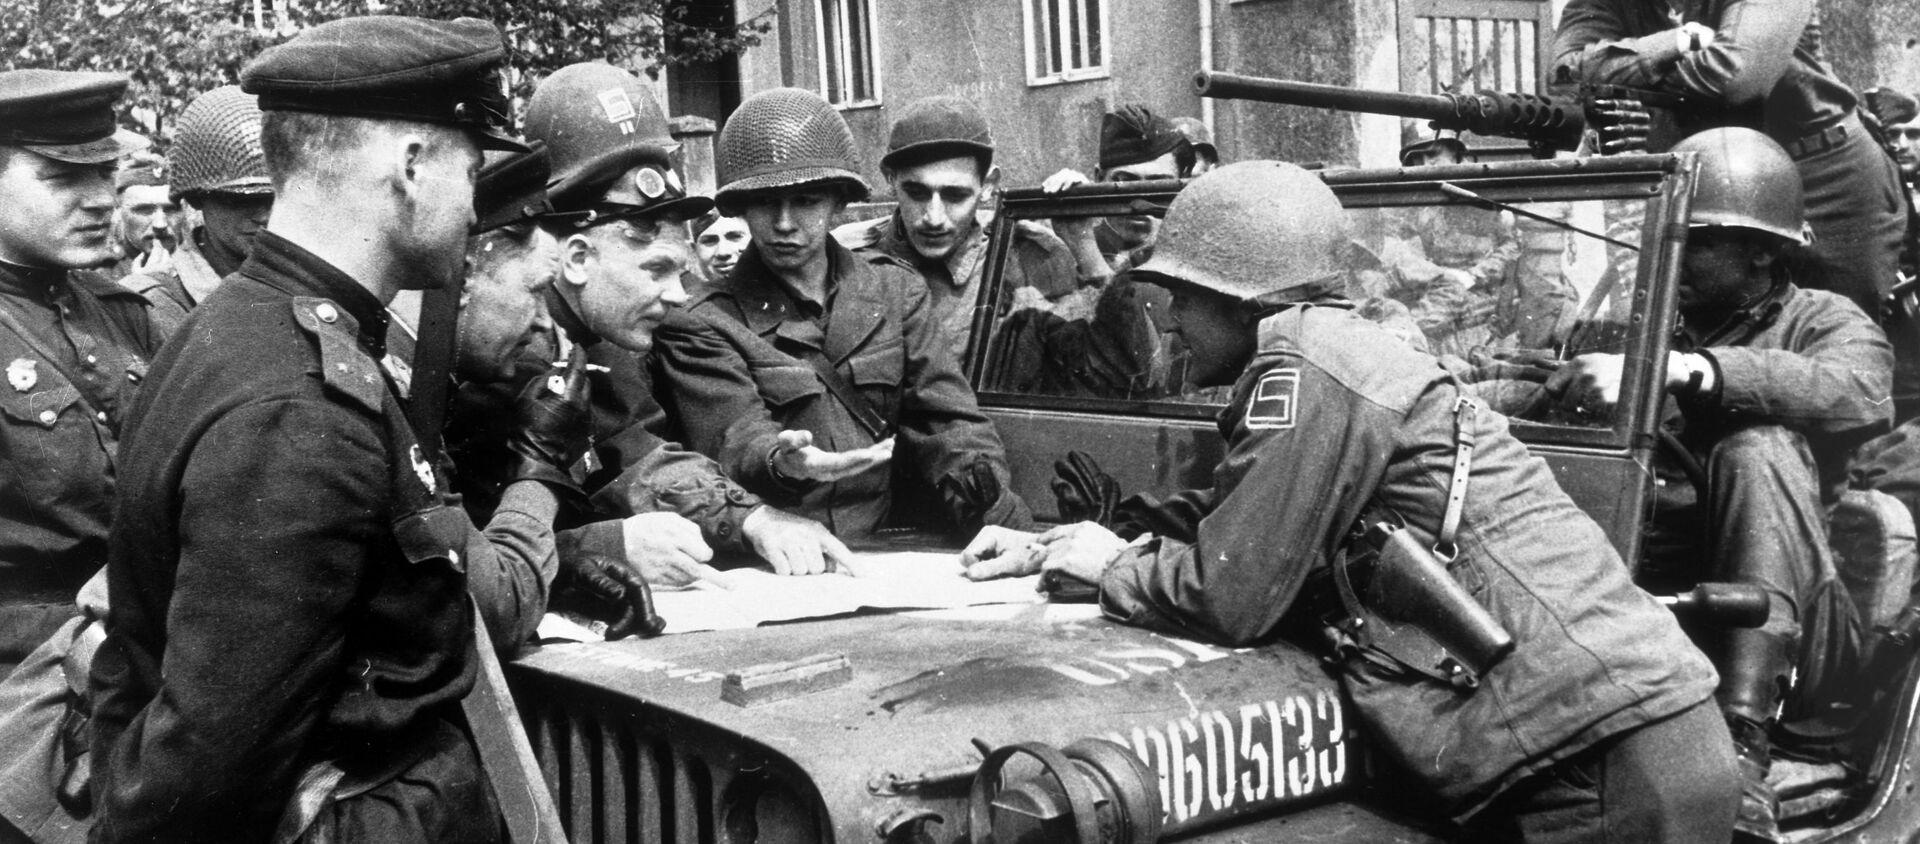 25 апреля 1945 года в районе Торгау на Эльбе войска 1-го Украинского фронта встретились с войсками 1-й армии США. - Sputnik Latvija, 1920, 04.04.2021